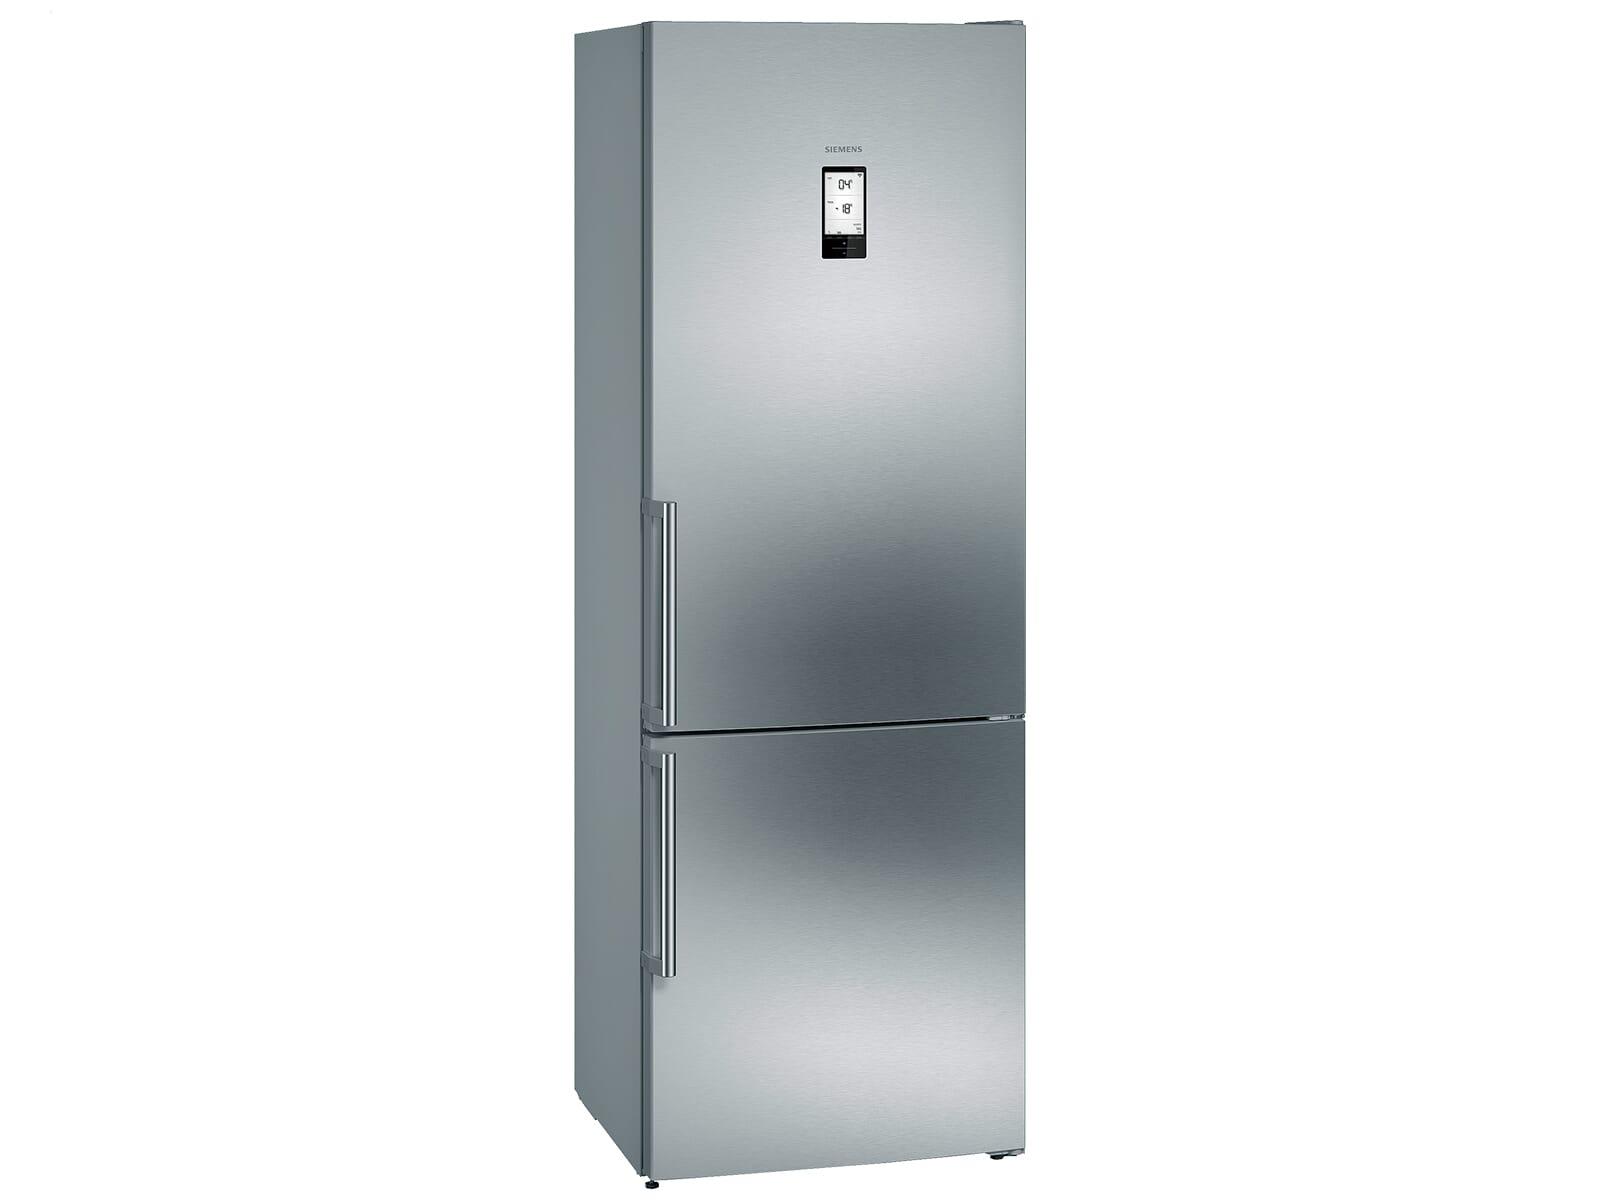 Siemens Kühlschrank Datenblatt : Siemens kg nai kühl gefrierkombination edelstahl